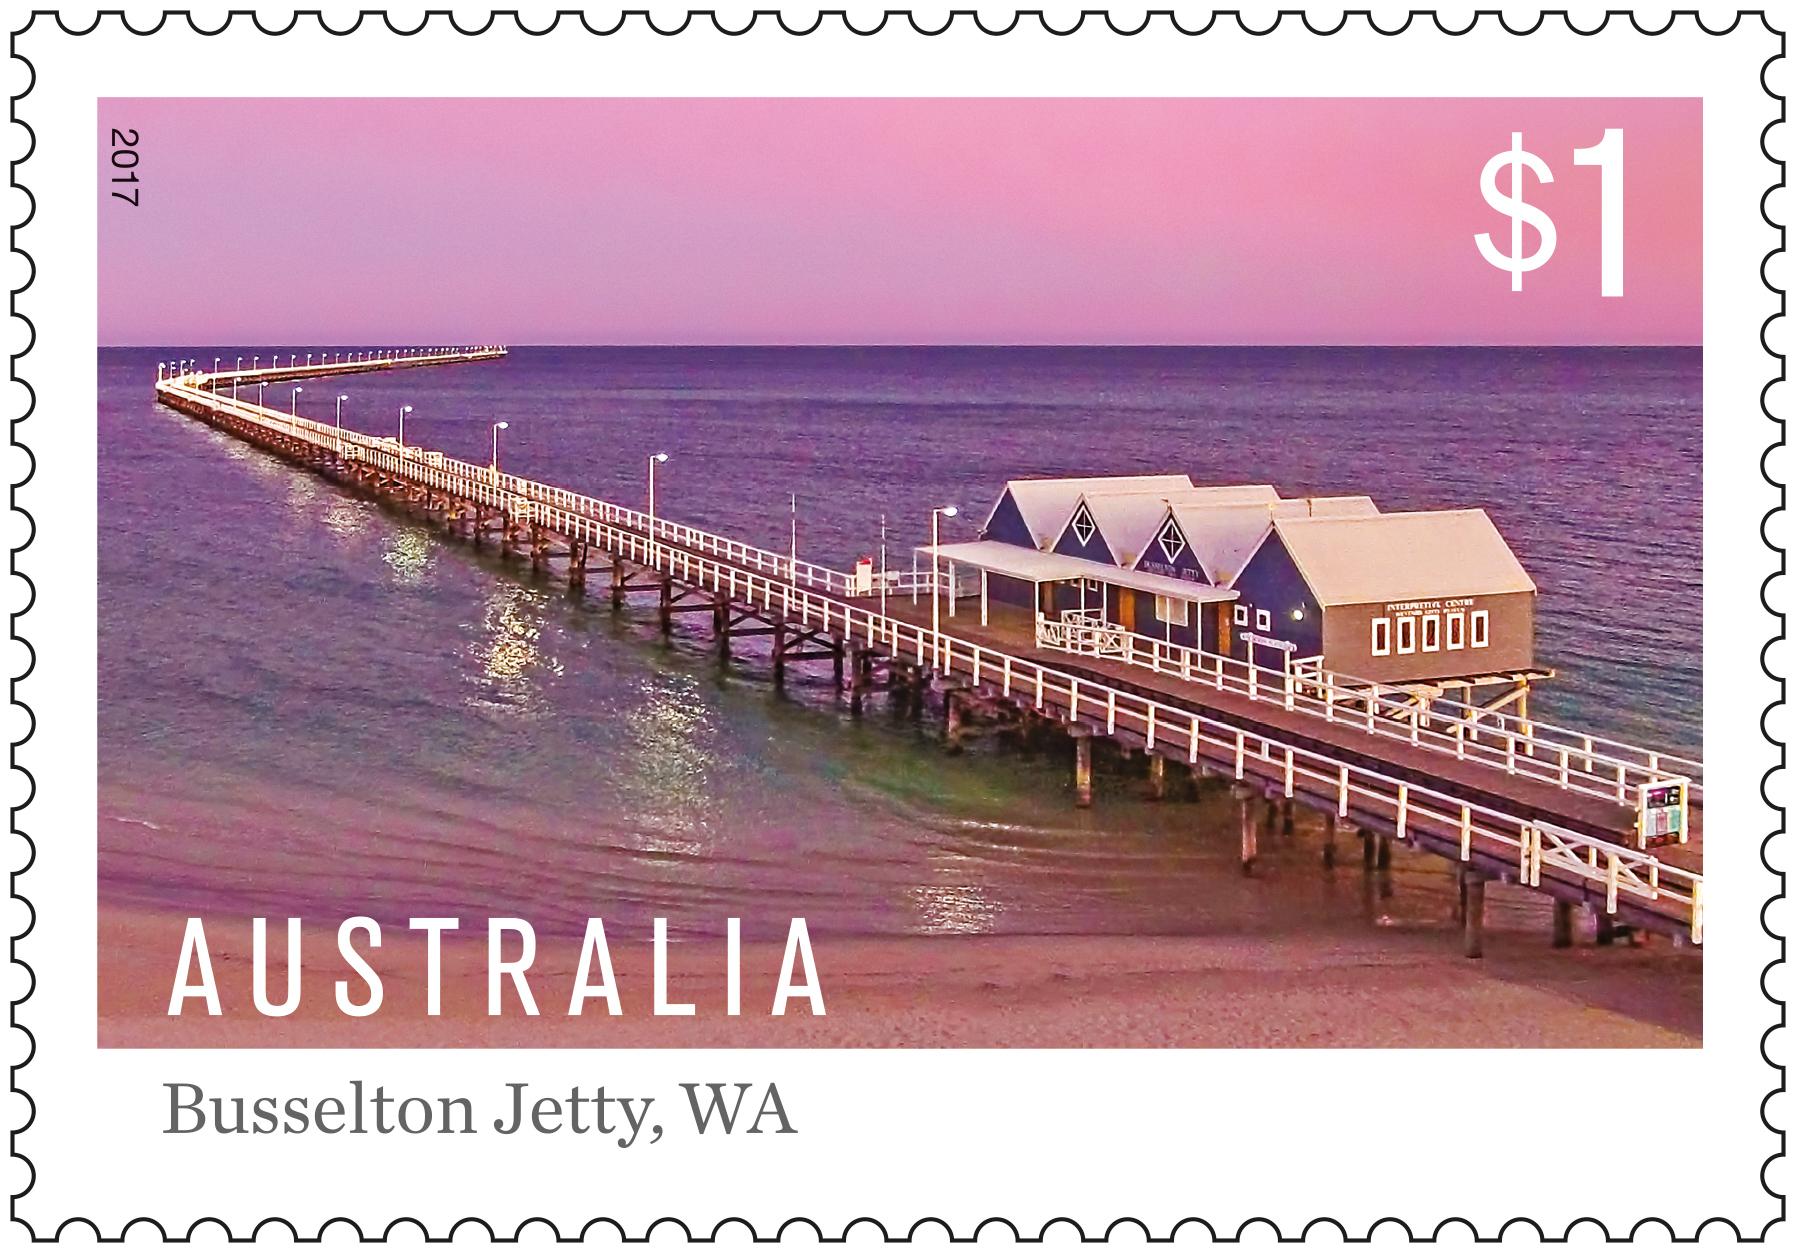 $1 Stamp, Australian Jetties, Busselton Jetty WA.